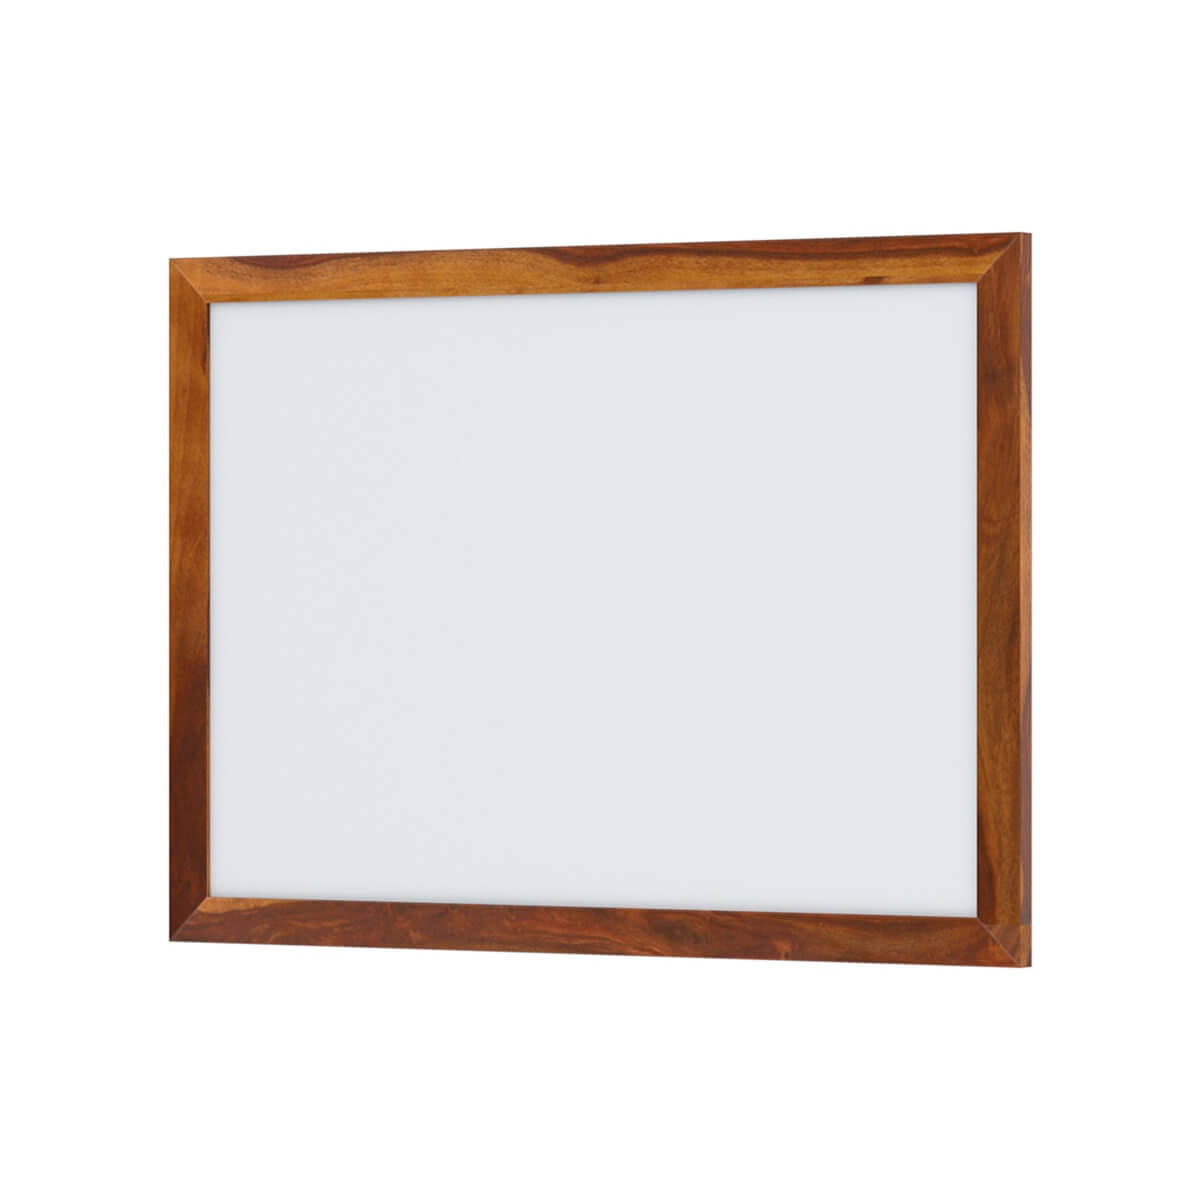 Brocton Rustic Solid Wood Mirror Frame